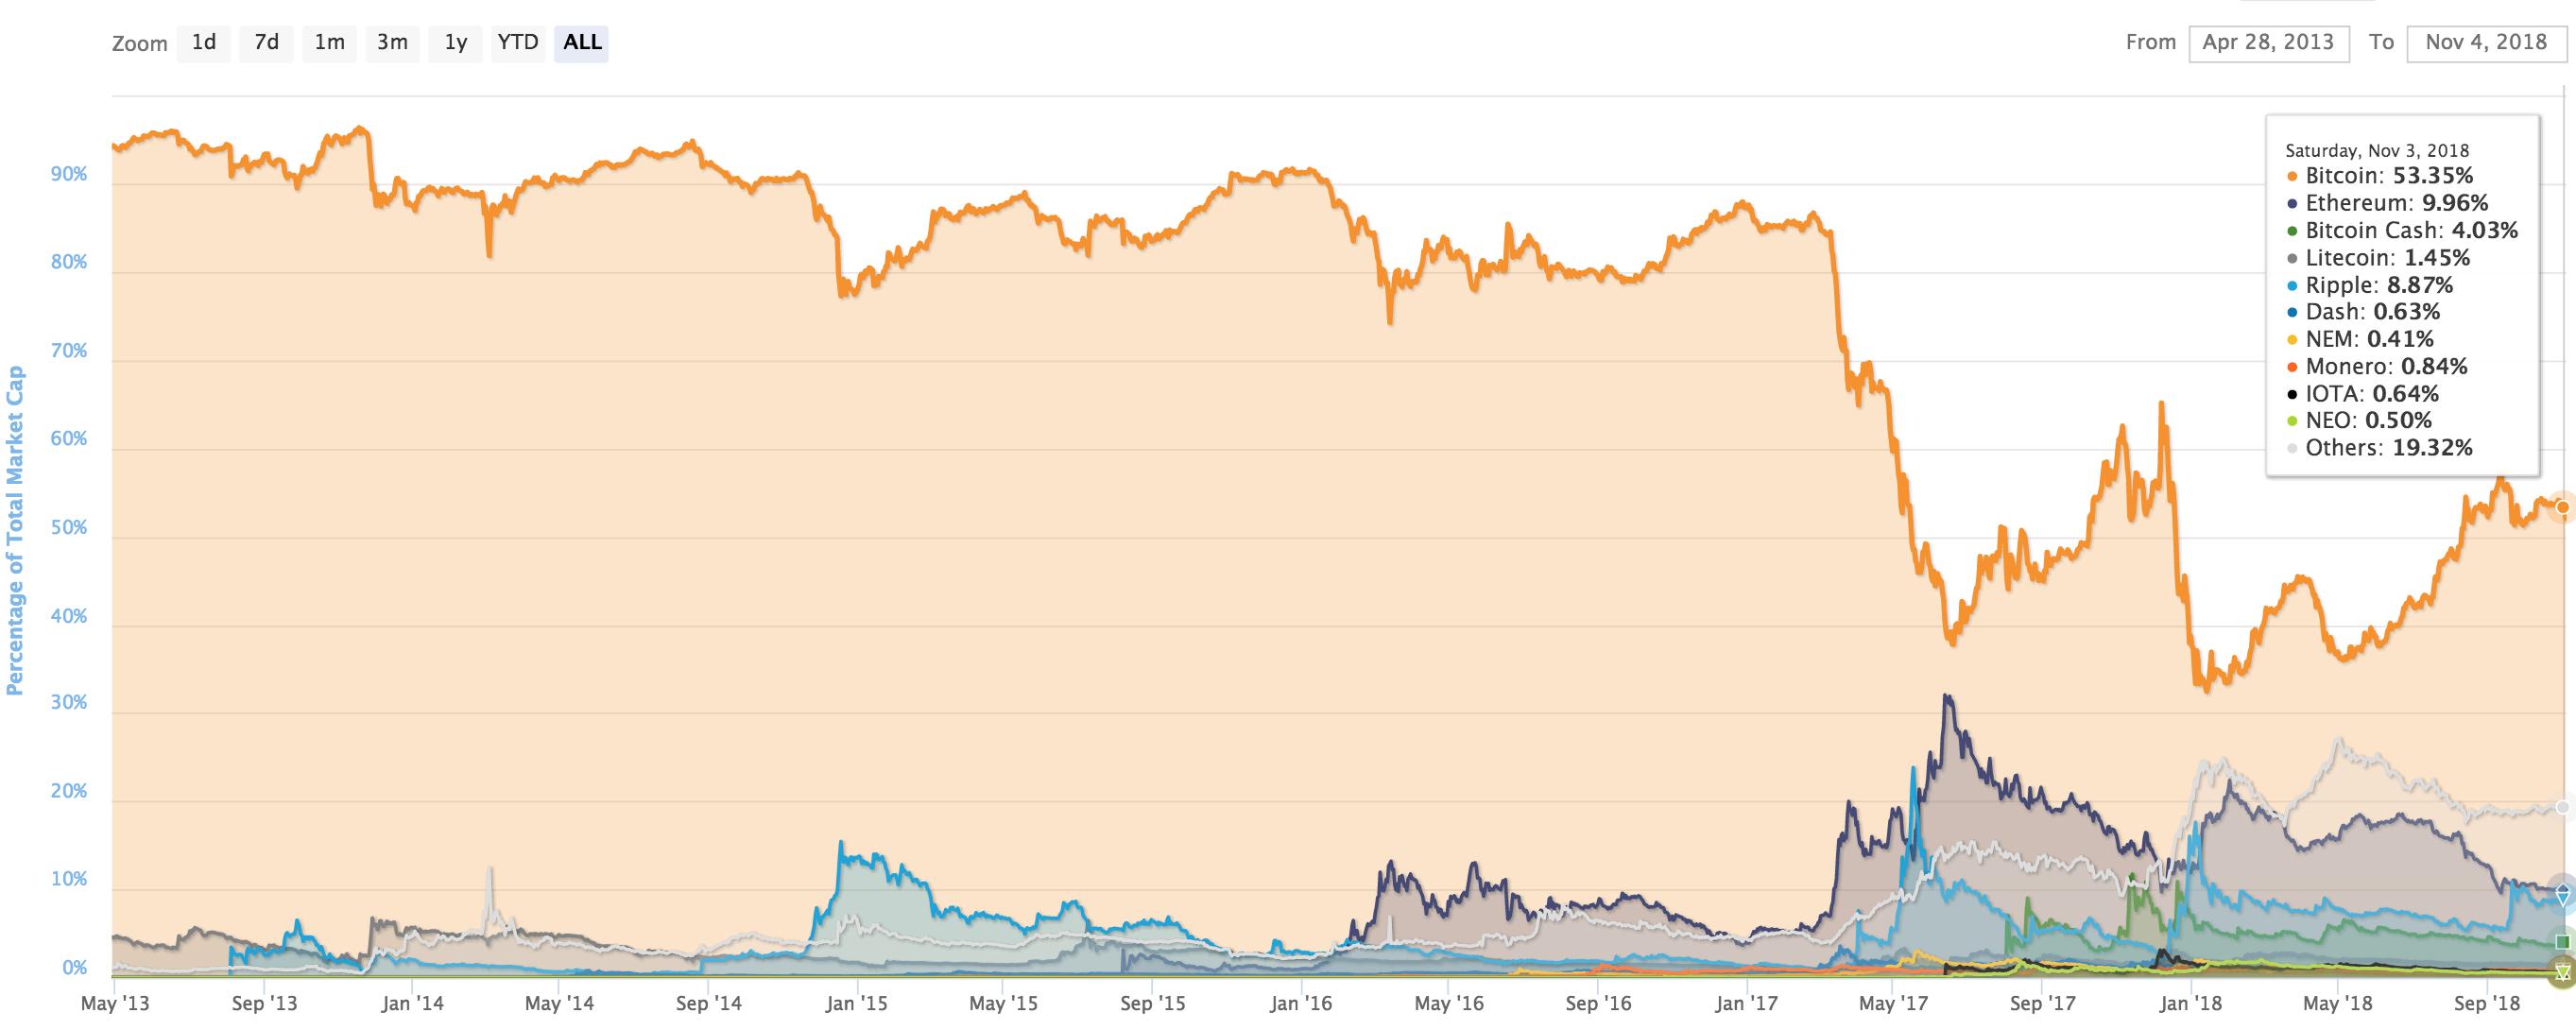 resumen mensual bitcoin y altcoins  u2013 octubre 2018